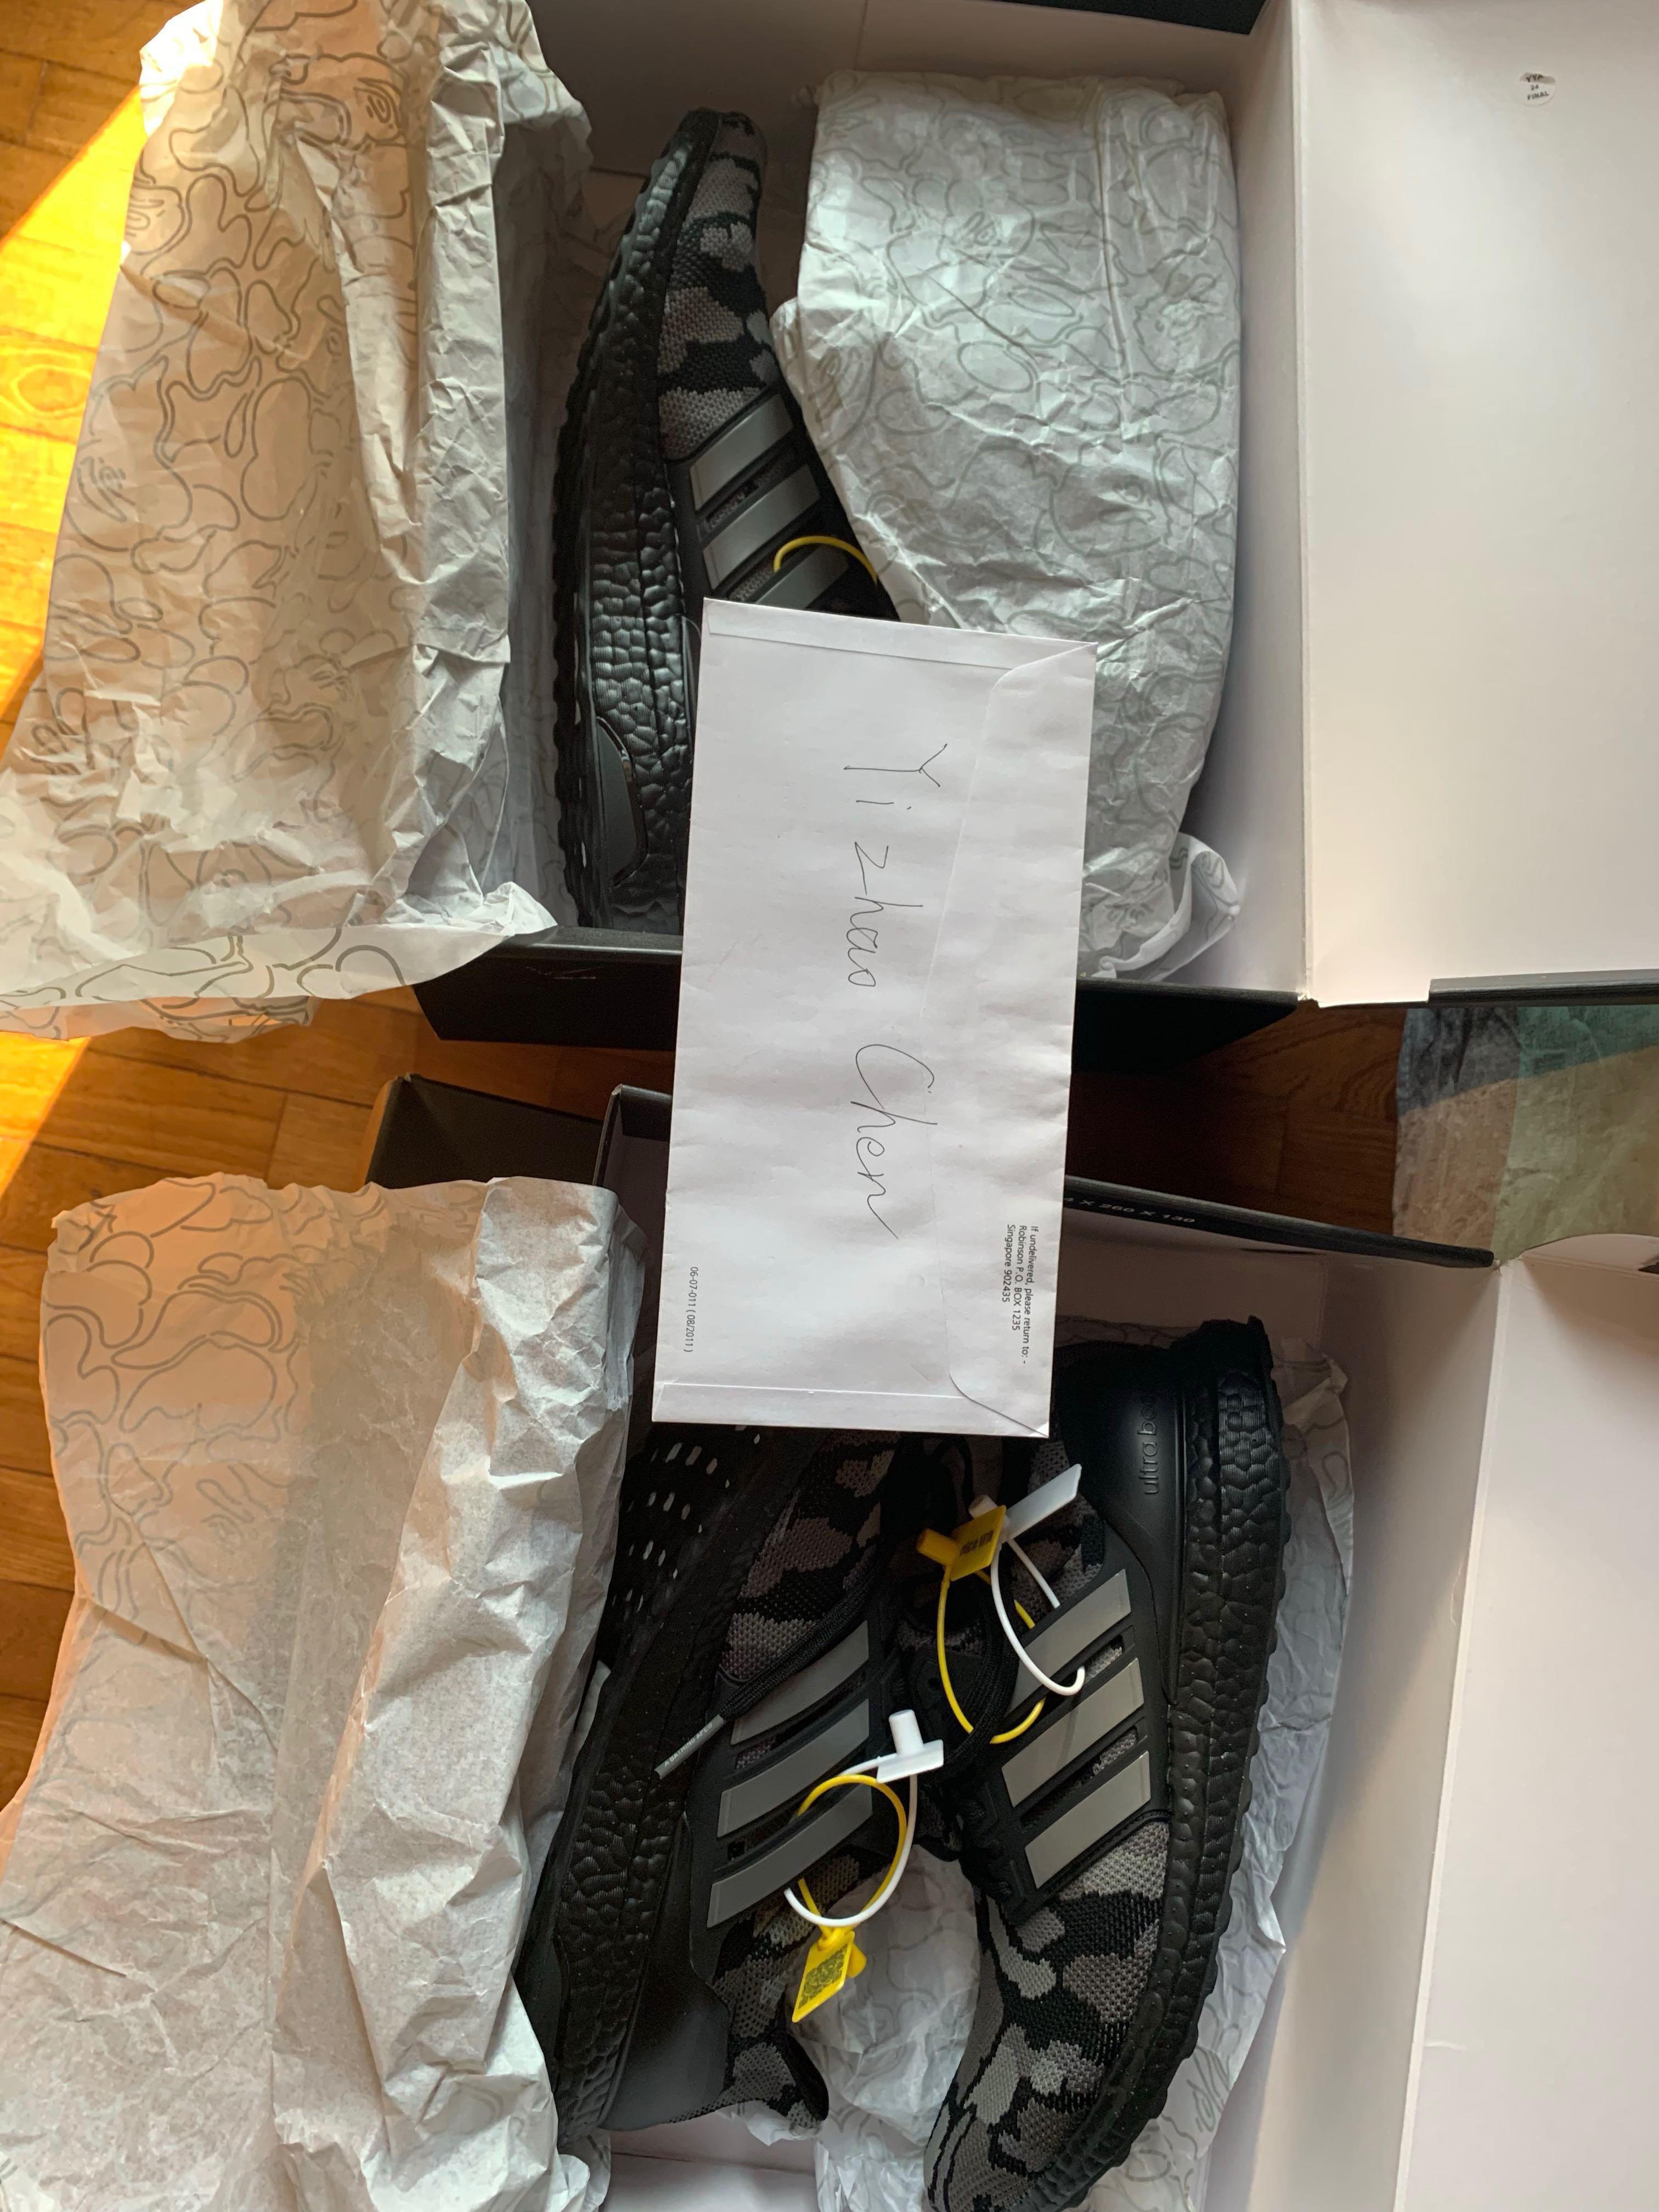 on sale 0f30d e25ea Bape adidas ultra boost 4.0 black